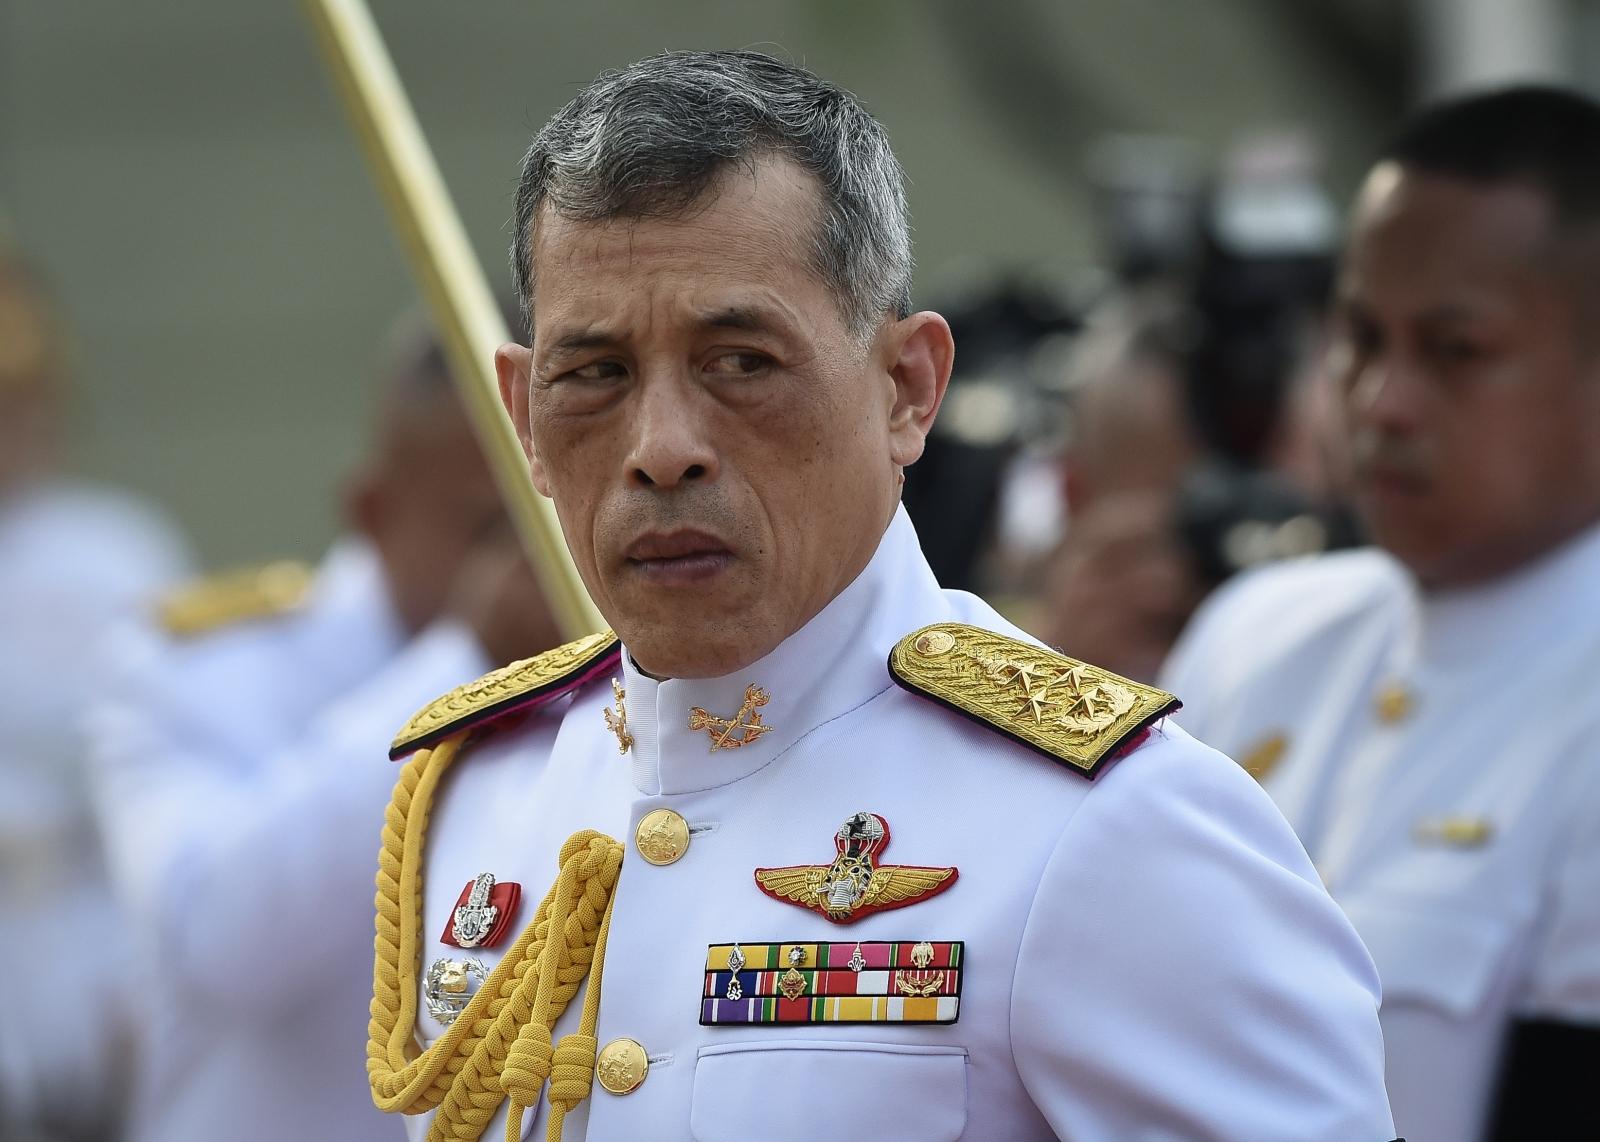 King Vajiralongkorn